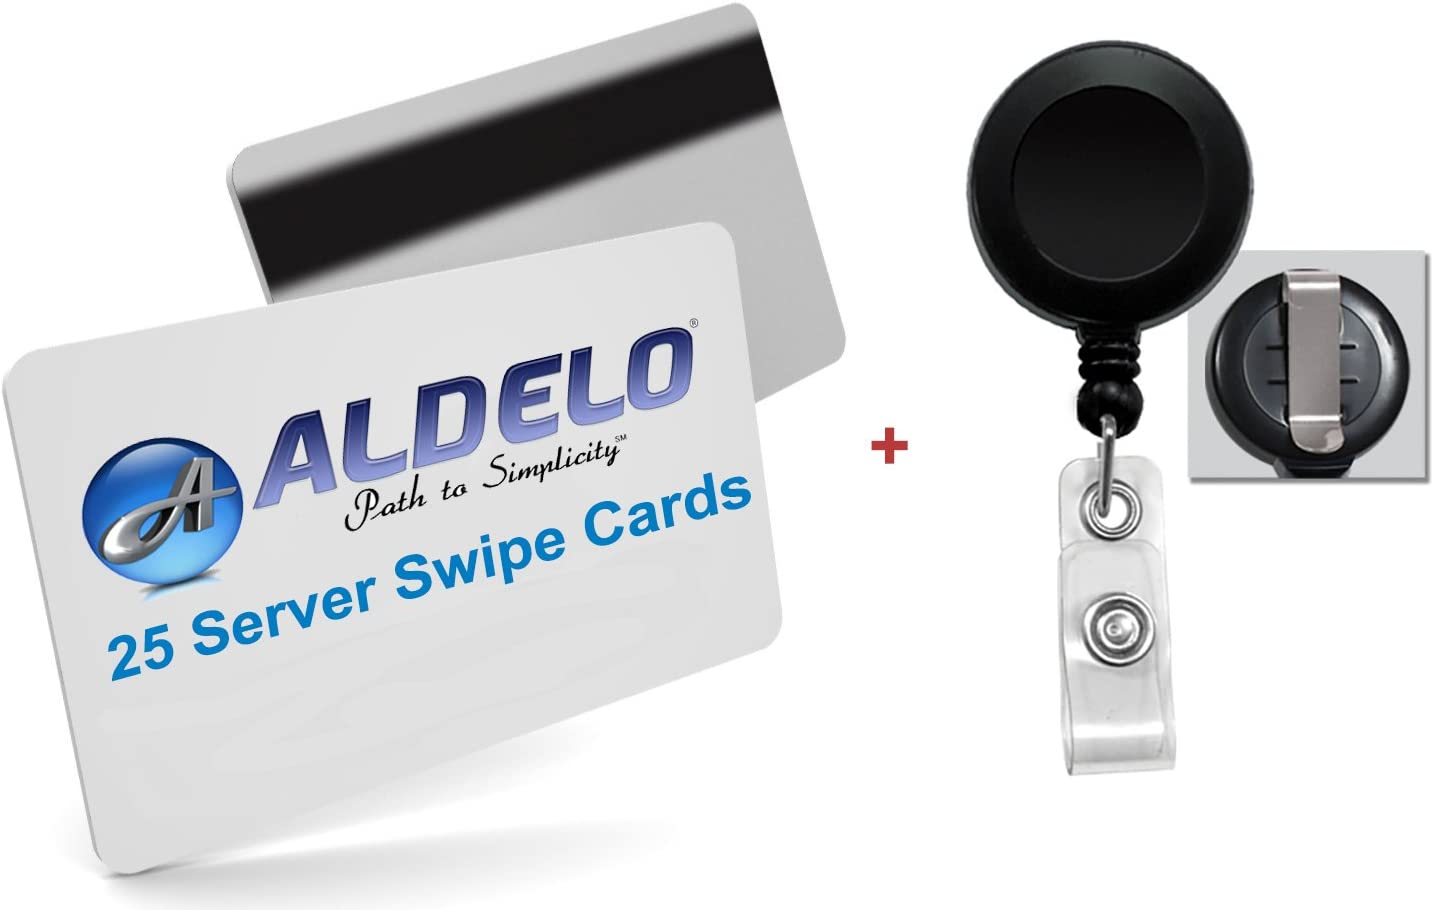 Aldelo POS Server Swipe Cards 25 Pack 25 Card Holder Reels